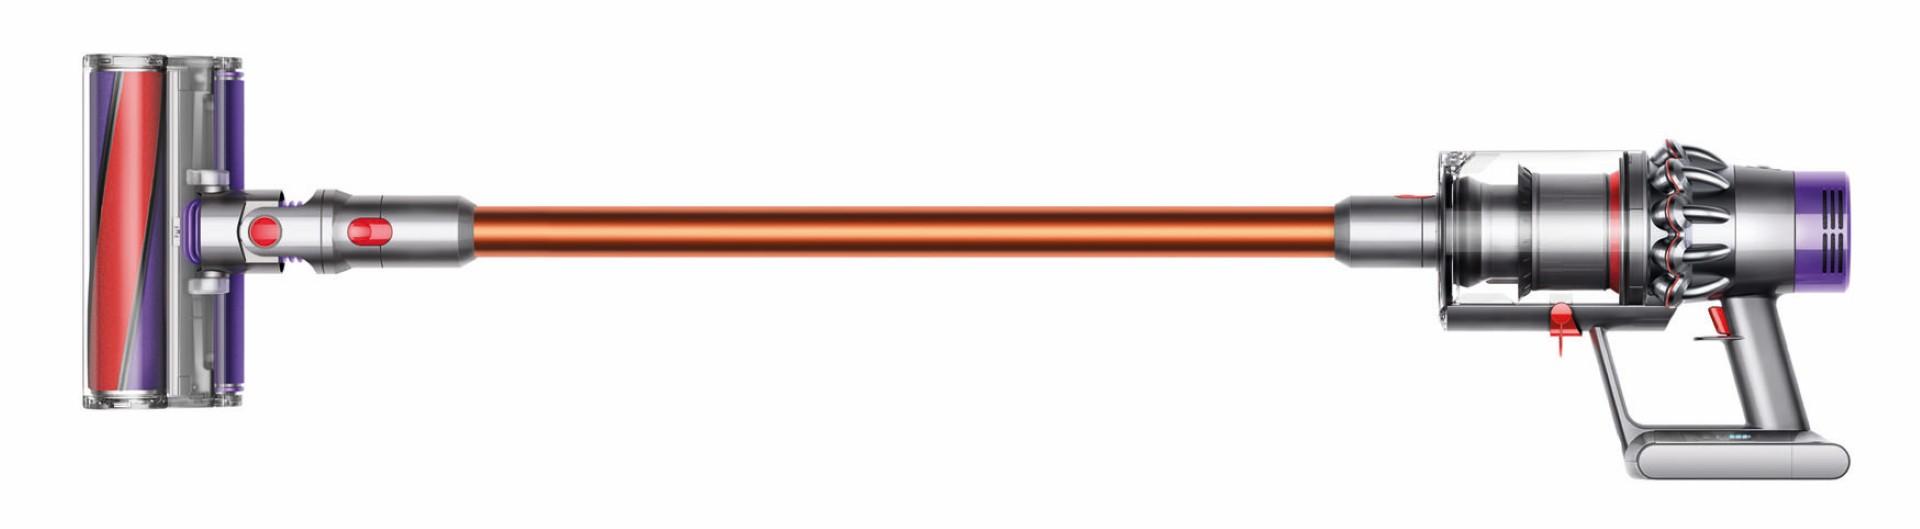 דיסון - שואב האבק V10 (צילום: יחצ חול)